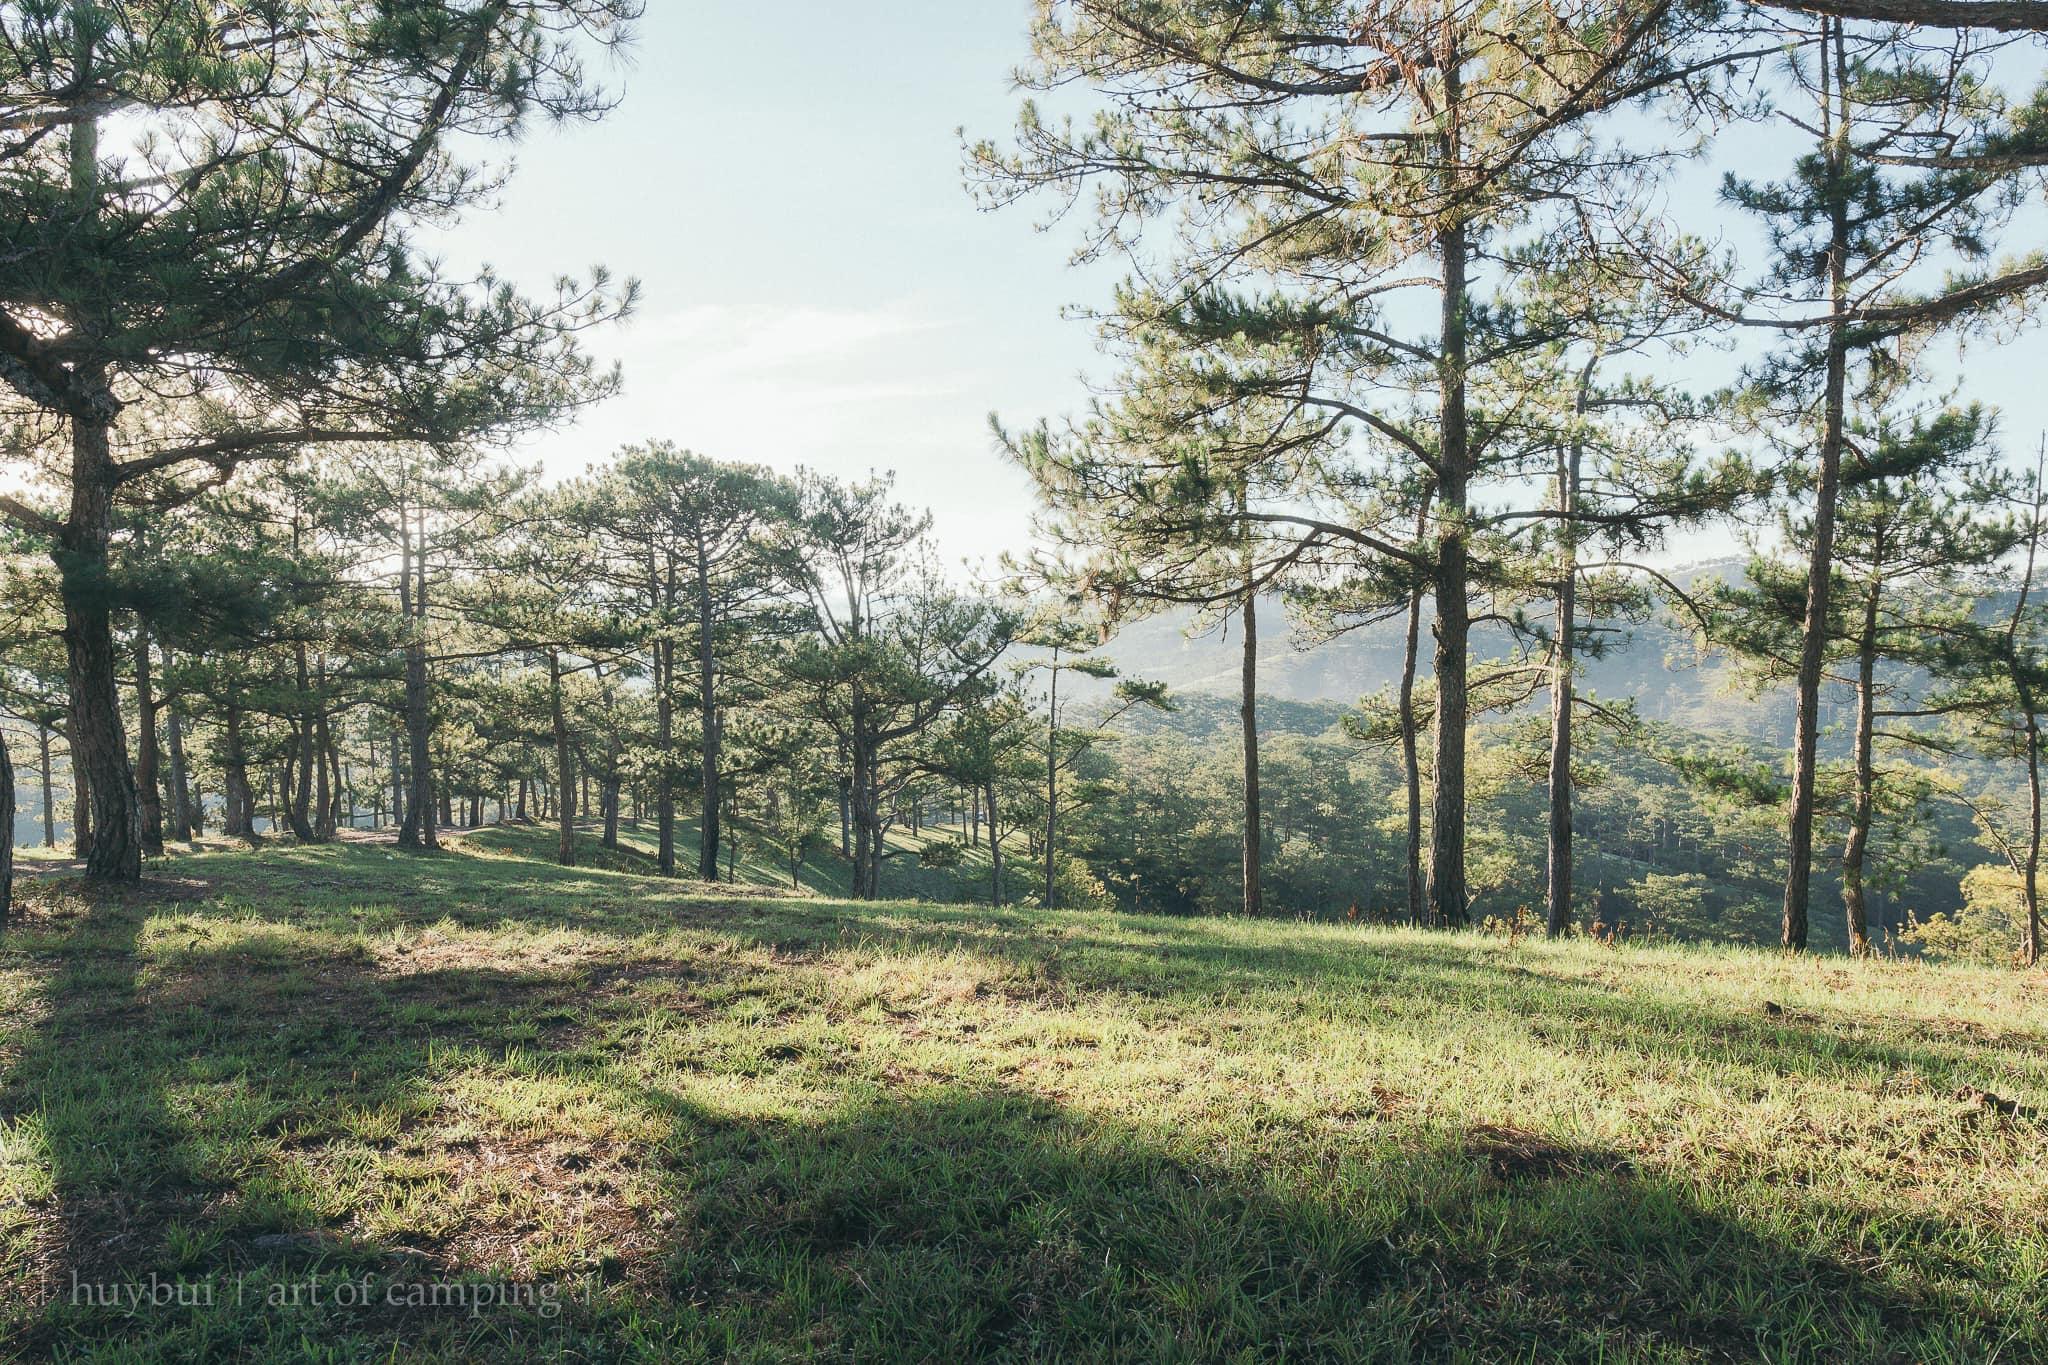 Muốn đi cắm trại từ núi non đến ven biển trong phạm vi 300km, chẳng thể bỏ lỡ những địa danh vô cùng đẹp, các camper nên chinh phục 1 lần - Ảnh 22.